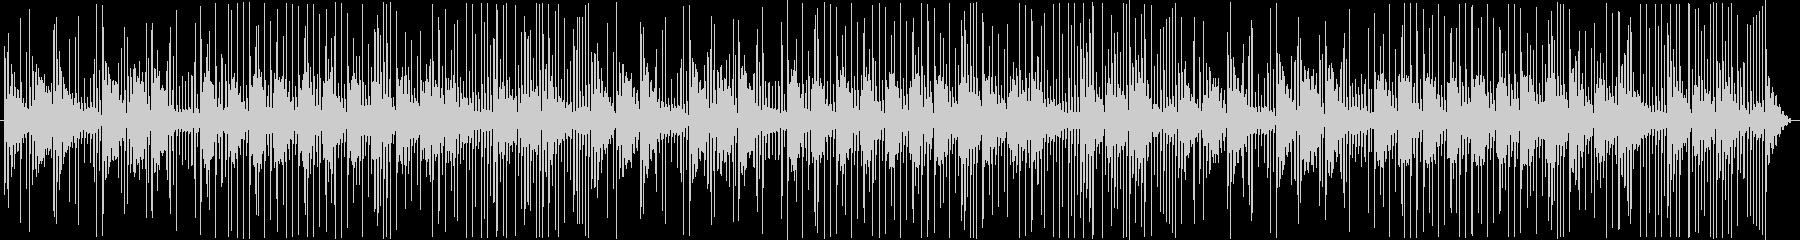 低エレクトリックピアノ、トライアン...の未再生の波形